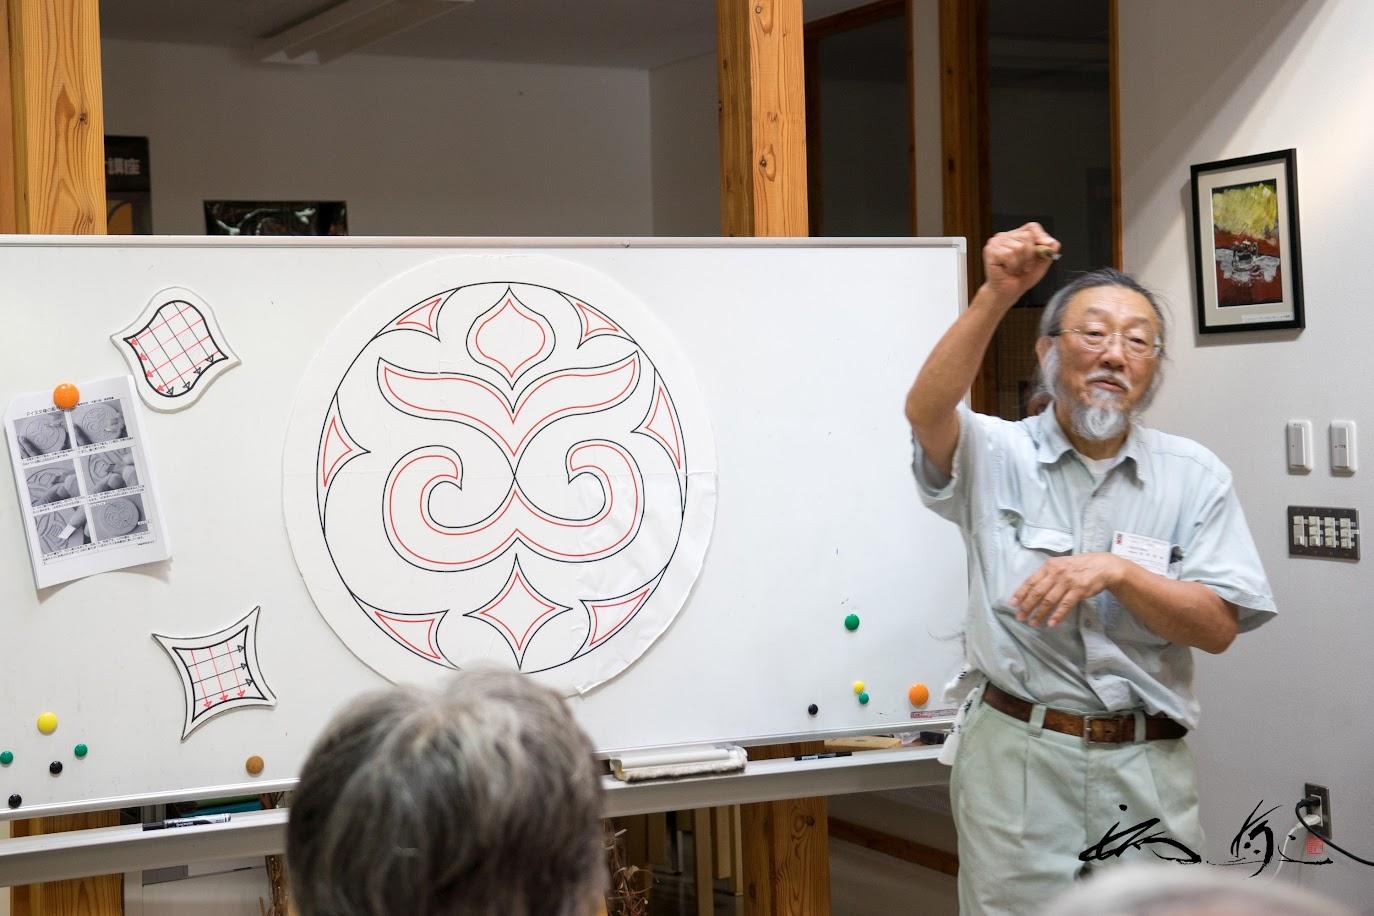 高野繁廣さん(木彫師)のご指導による木彫り体験